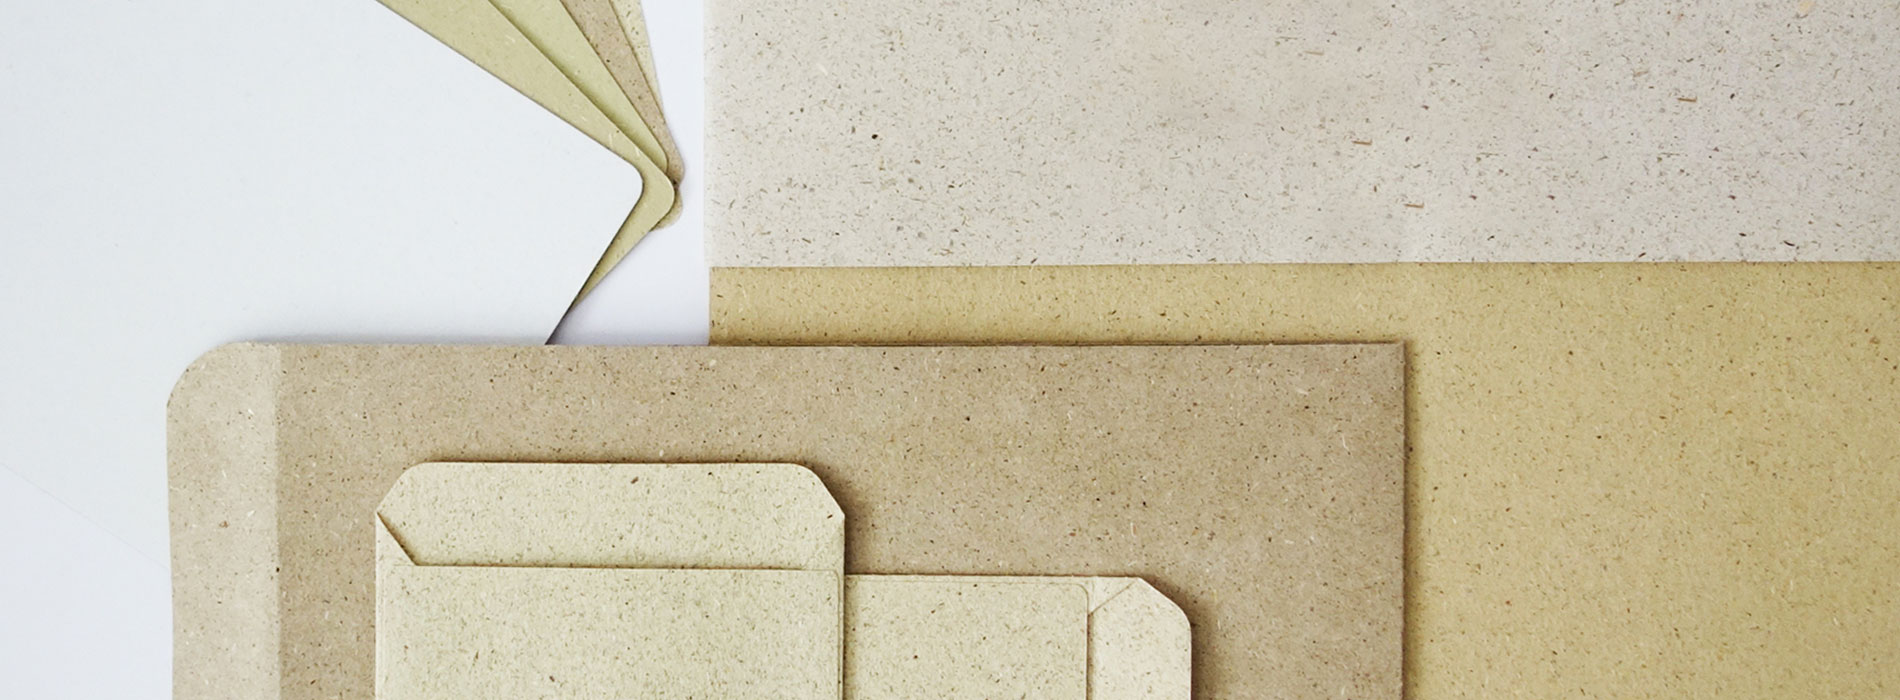 Tausende Jahre lang hat man Papier auf die gleiche Art und Weise hergestellt. Im klassischen Produktionsverfahren fällte man Holz und zersetzte es im mechanischen oder chemischen Verfahren zu Holzfasern und Zellulose. Man brauchte viel Wasser und chemische Zusatzstoffe, um aus Bäumen Papier und Verpackungen herzustellen.